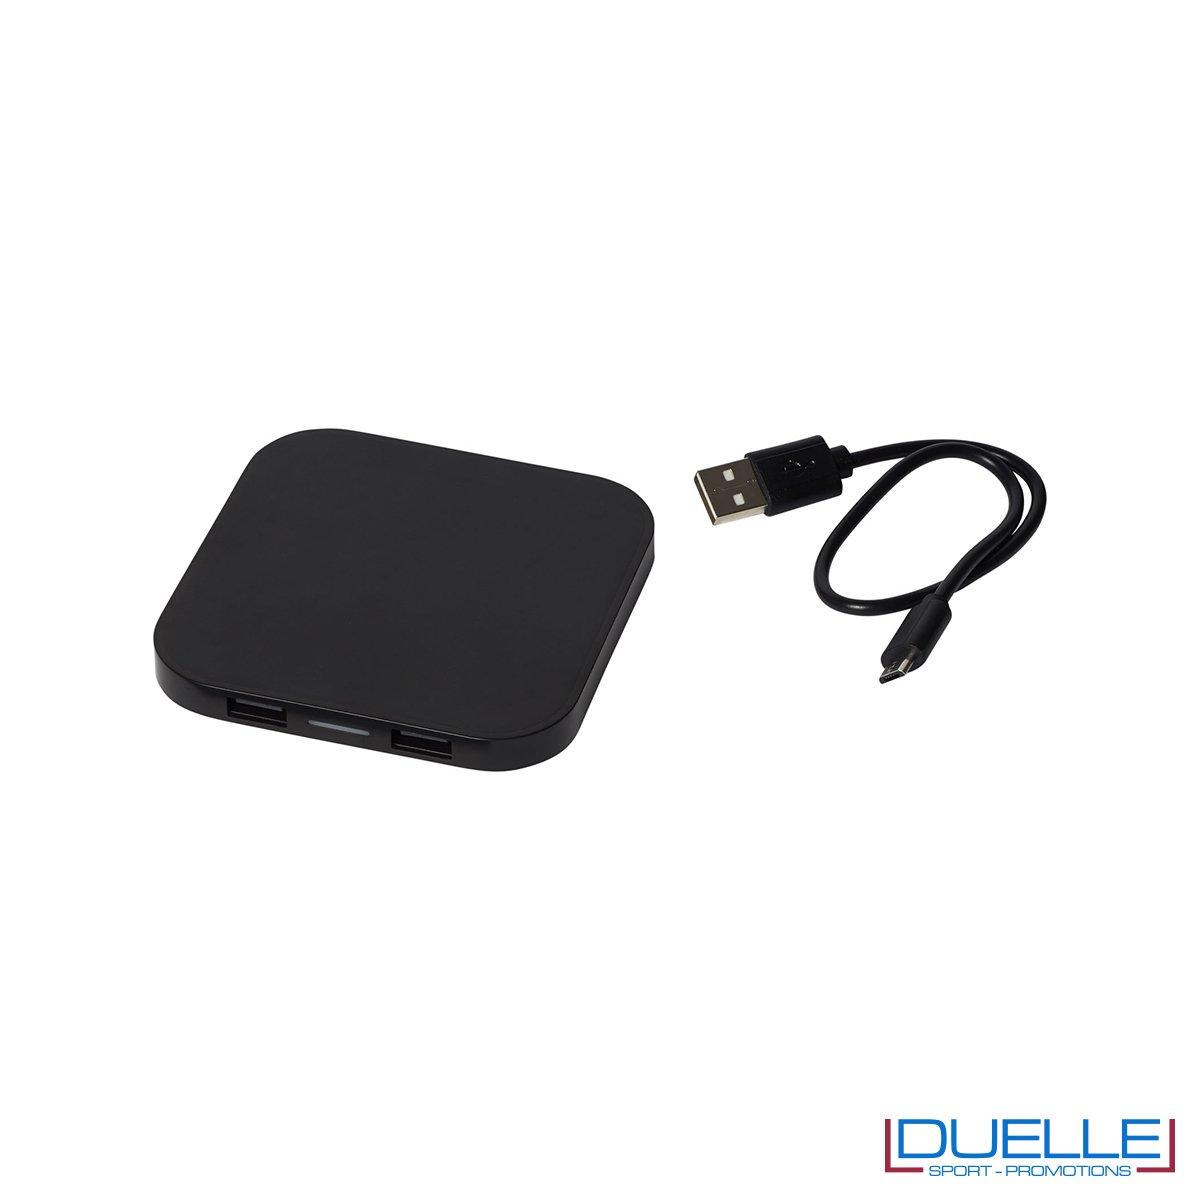 Caricatore wireless promozionale pesonalizzabile con stampe colore nero